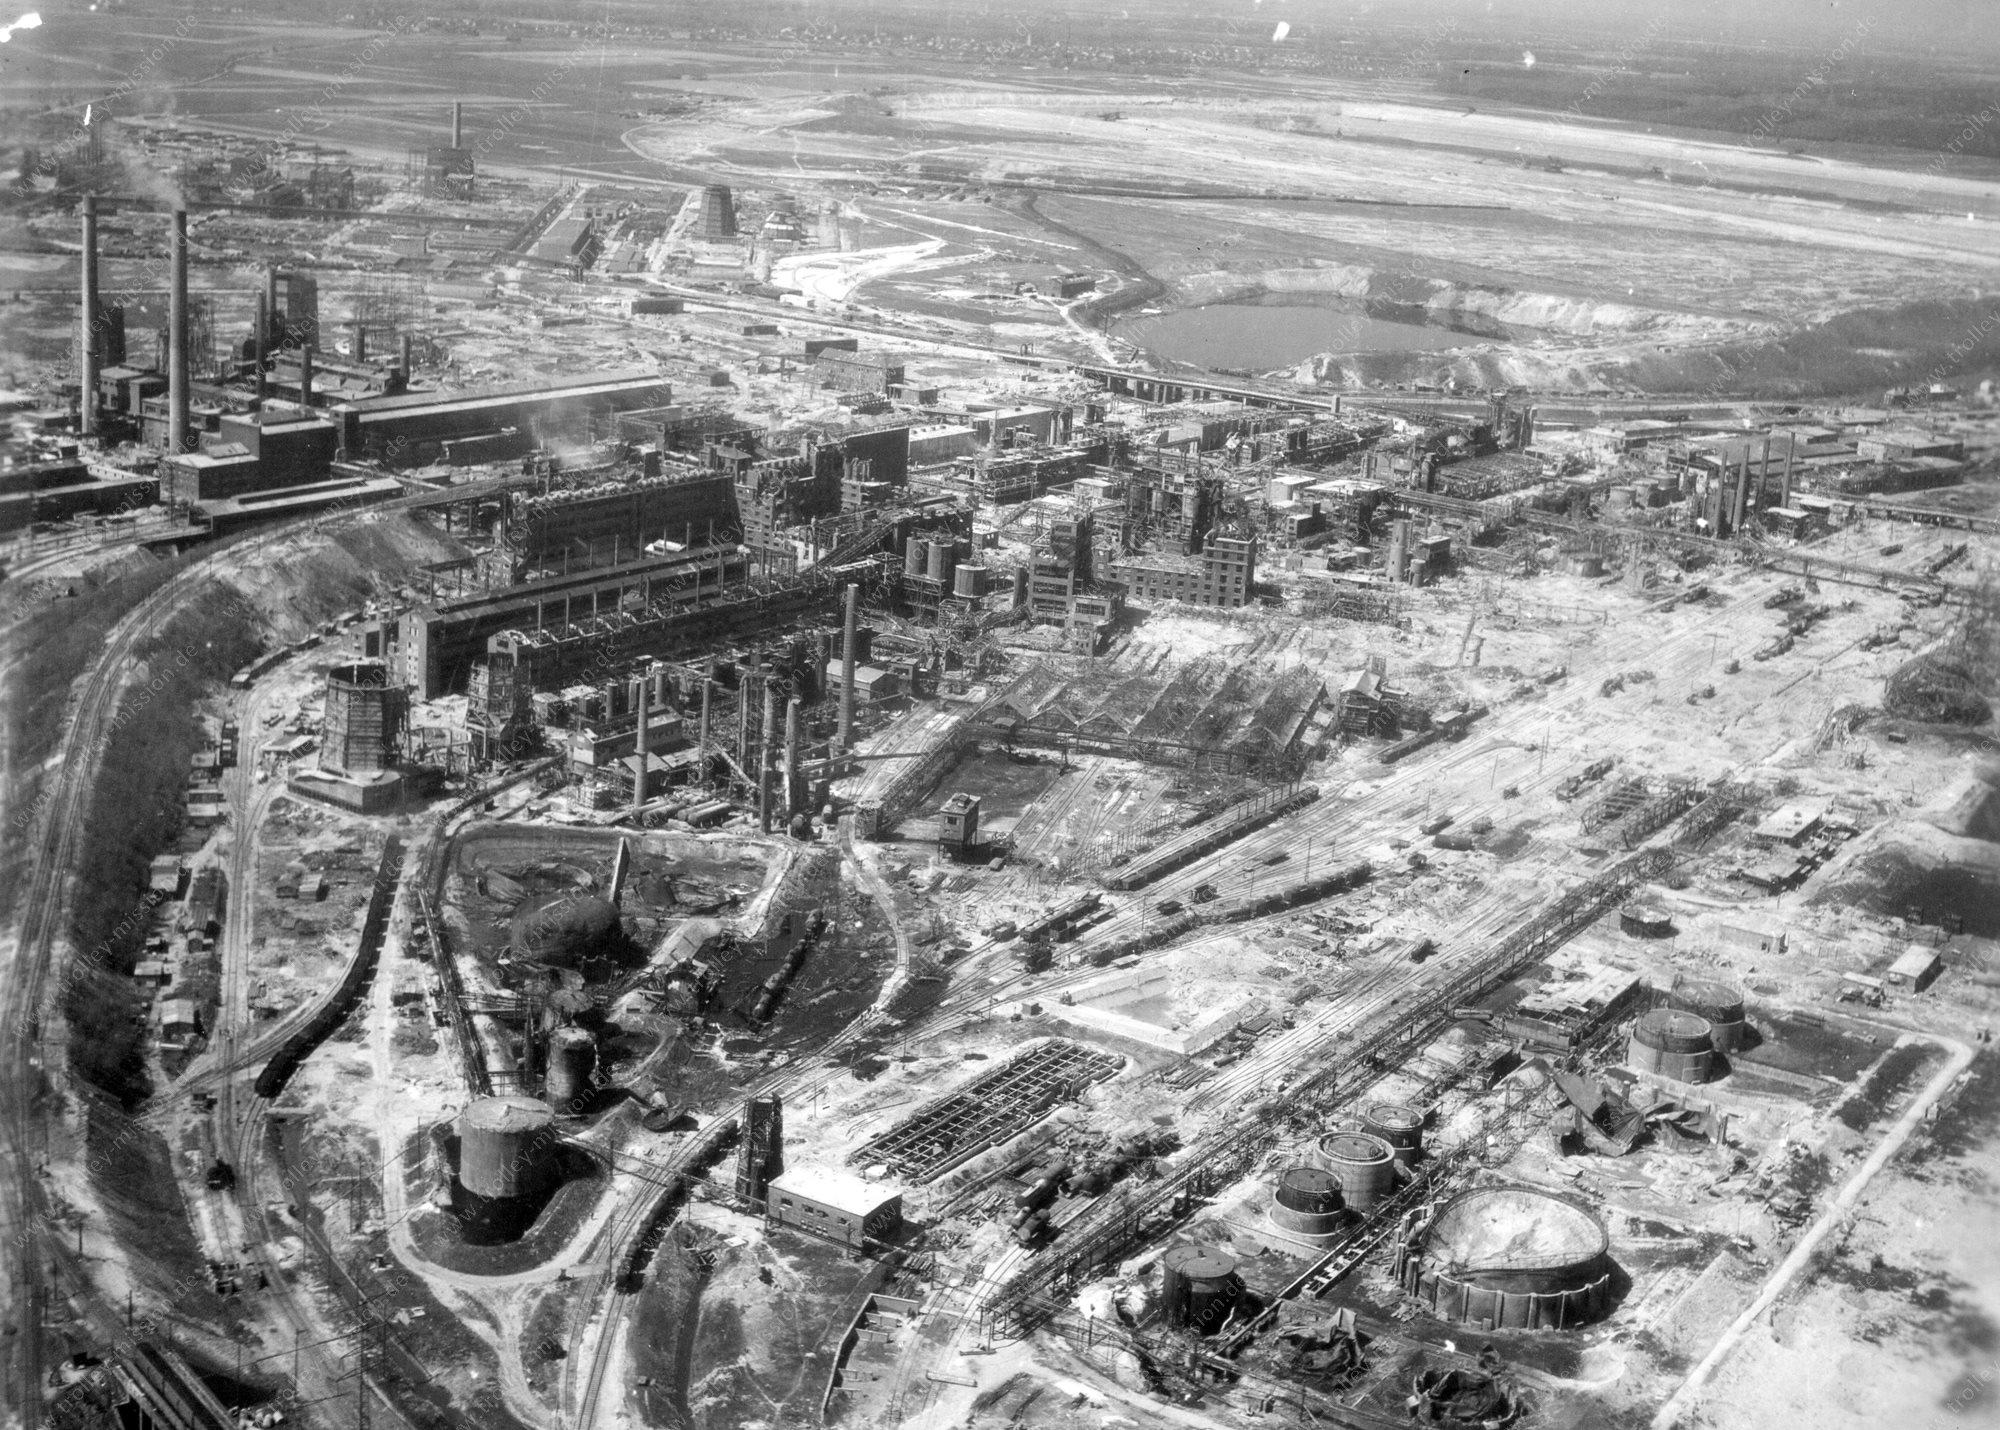 Unbekanntes Luftbild - Zweiter Weltkrieg - Raffinerie